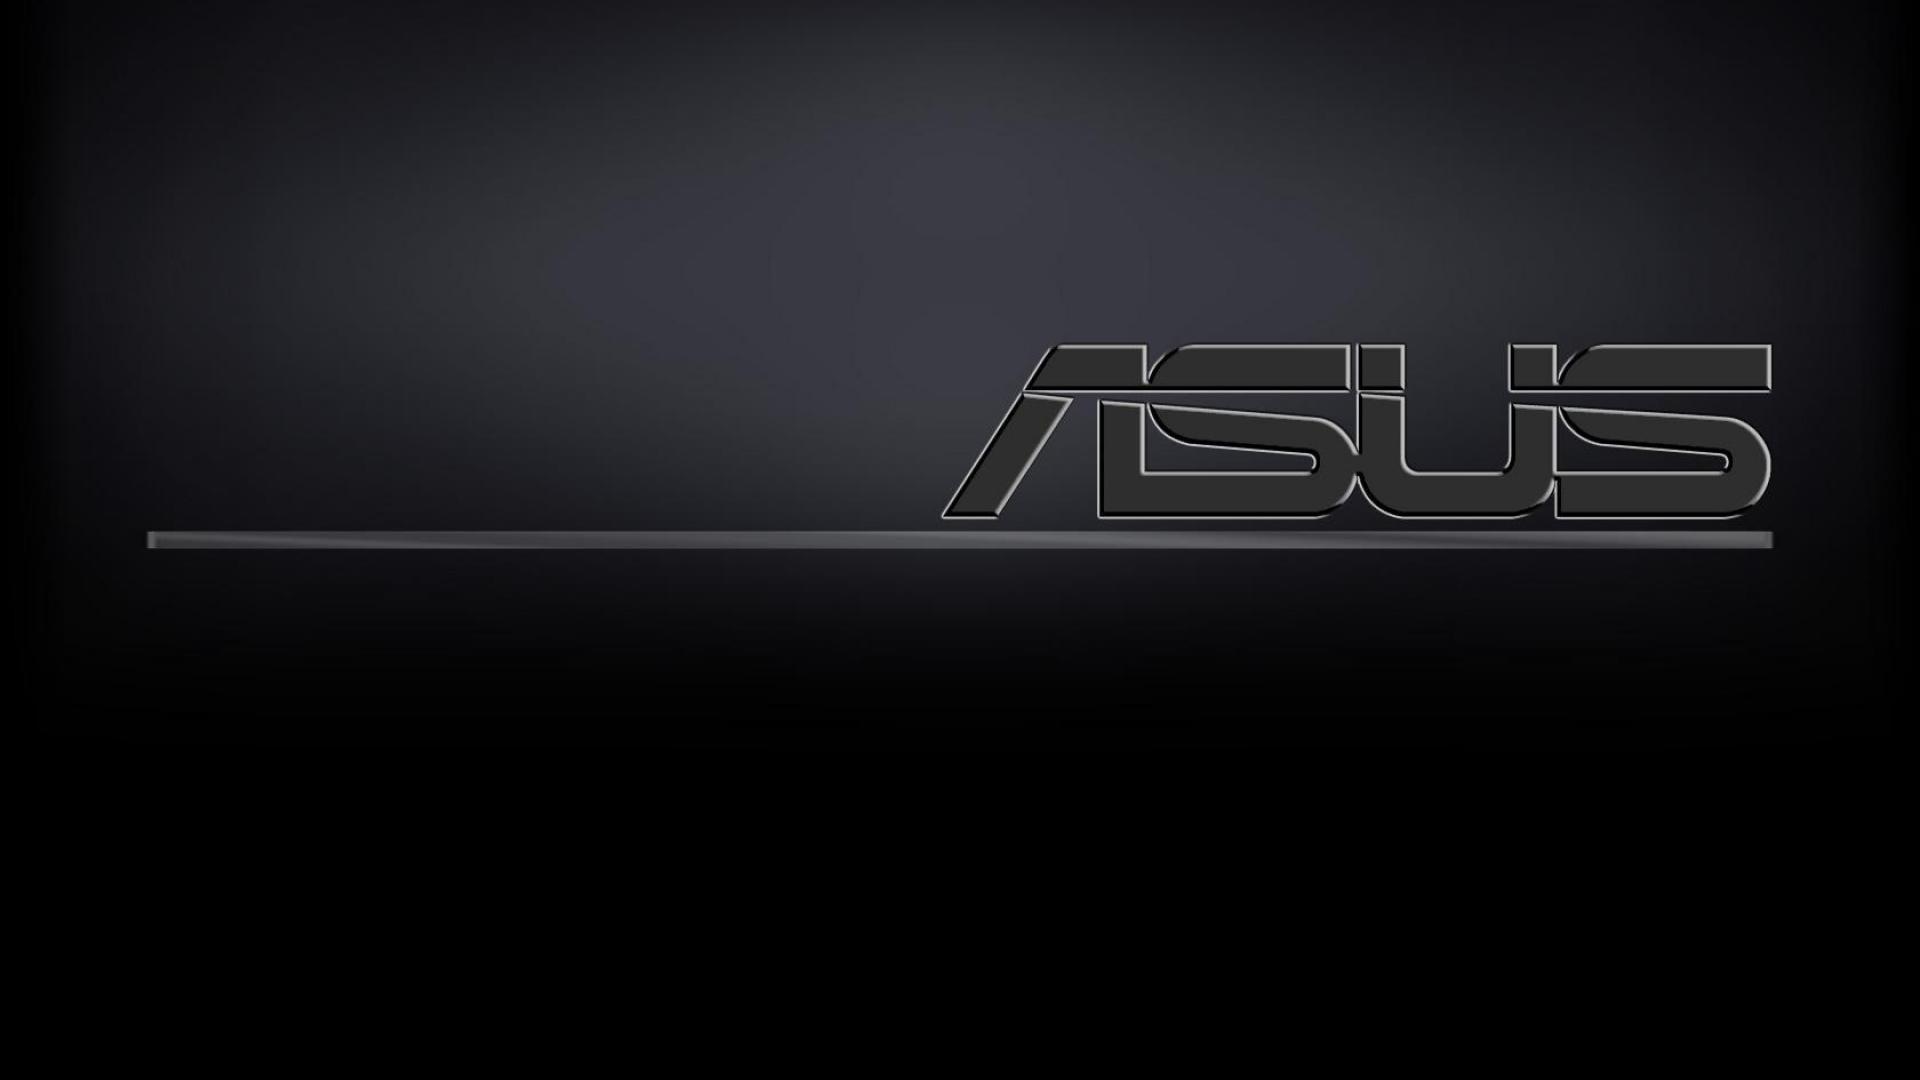 Asus Black Wallpaper: ASUS Wallpaper Widescreen 1366x768